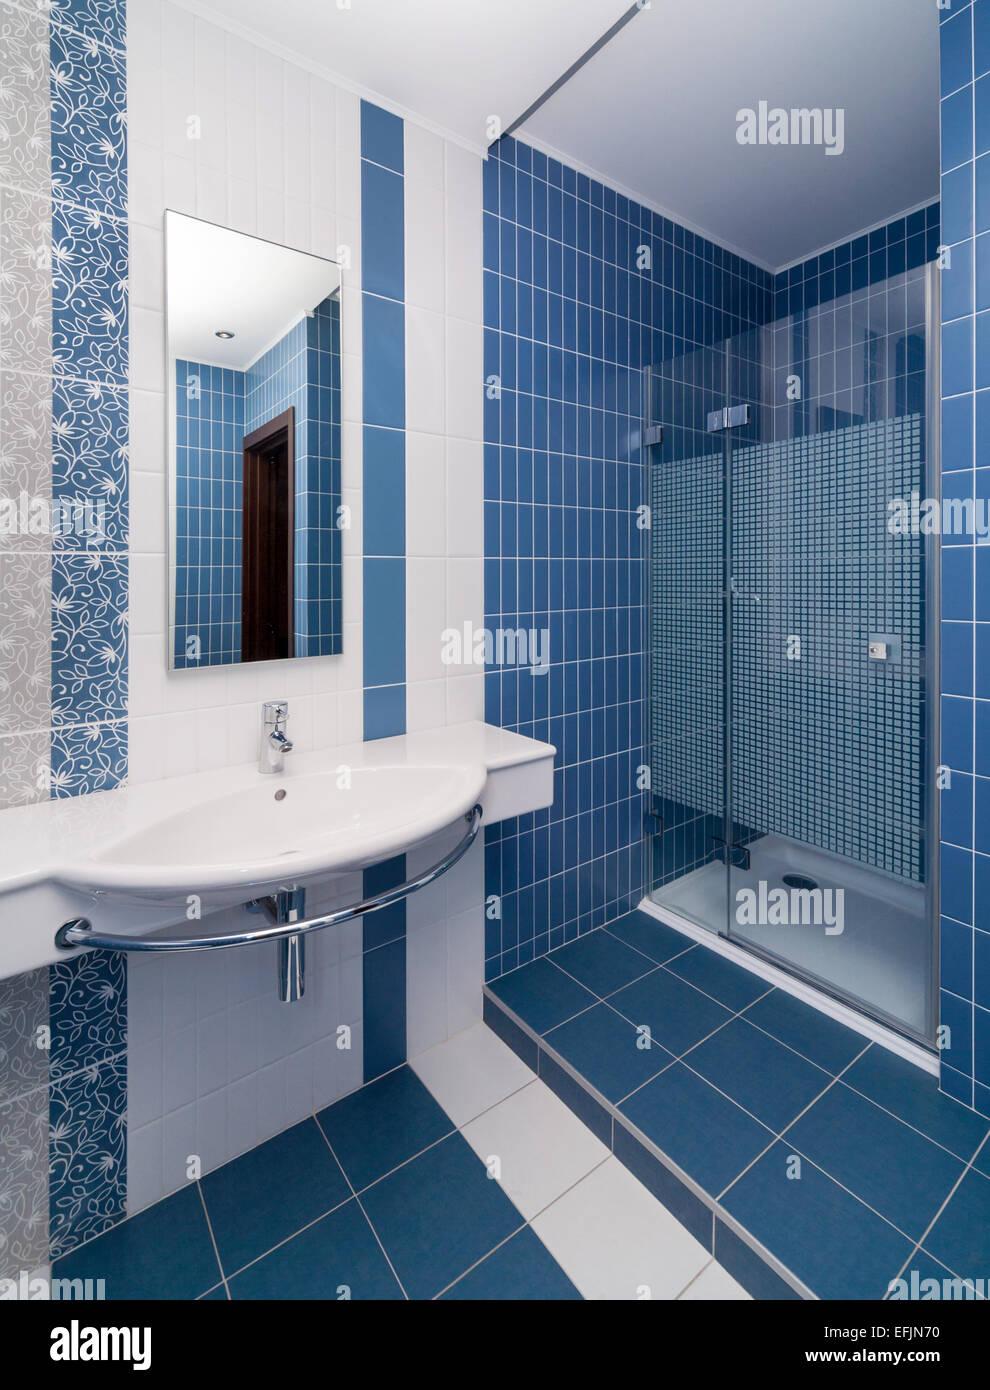 Bagno moderno toled con piastrelle bianche e blu foto immagine stock 78473108 alamy - Stock piastrelle bagno ...